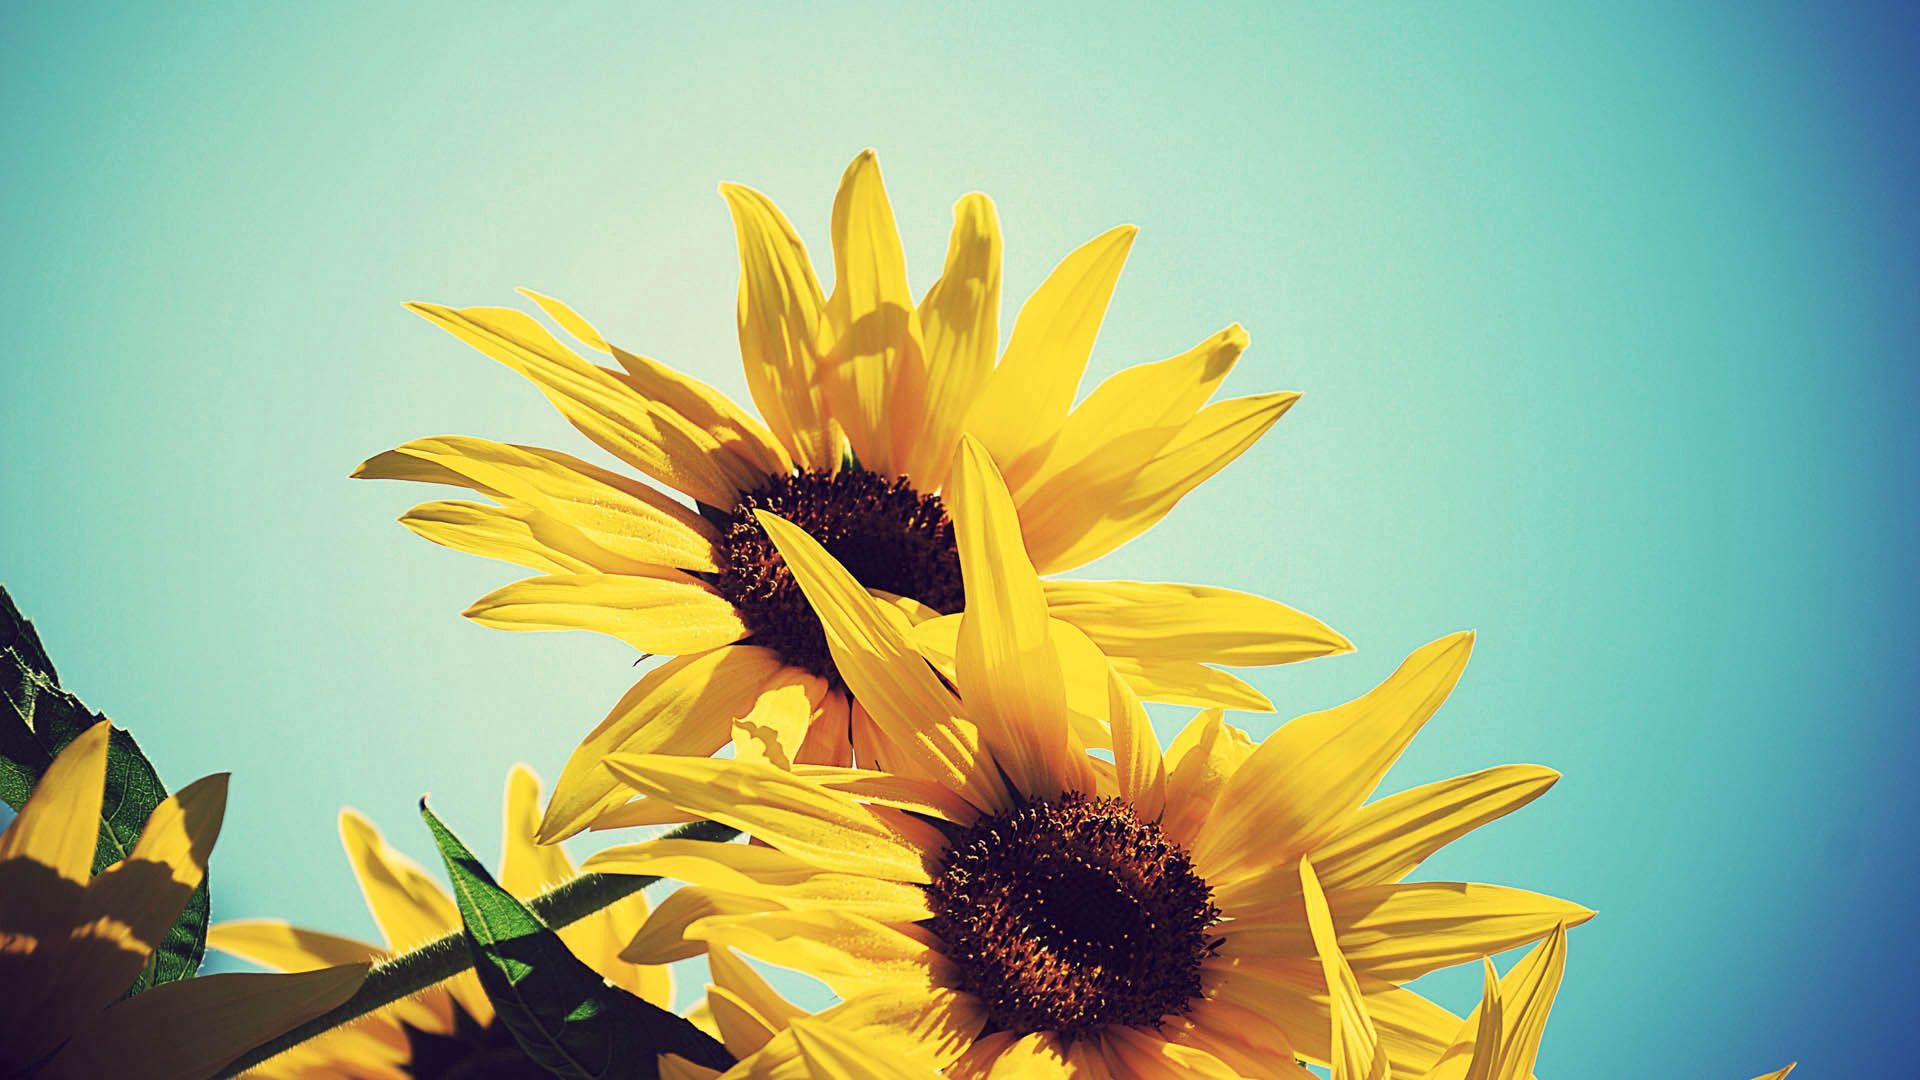 107023 Заставки и Обои Подсолнухи на телефон. Скачать Цветы, Растение, Цветение, Подсолнухи картинки бесплатно